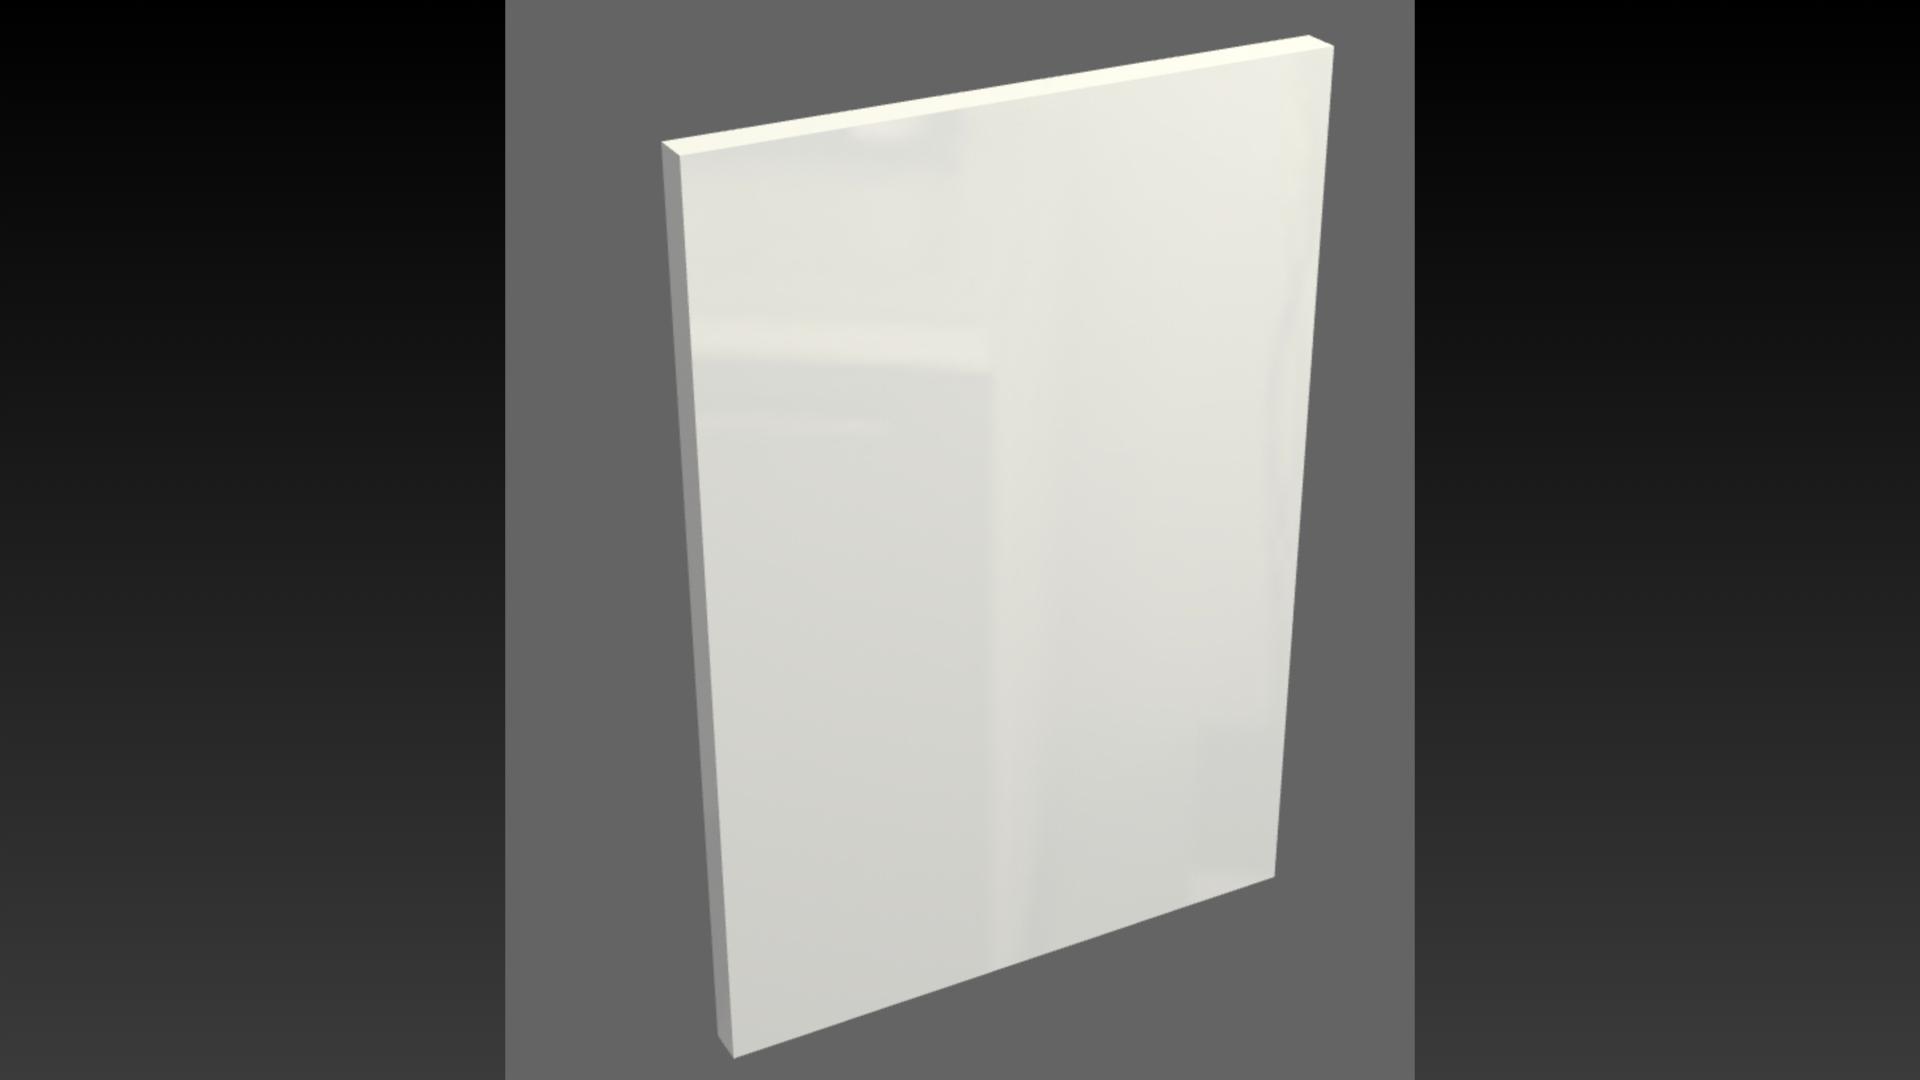 Fronty akrylowe Akryl-24 BIAŁY POŁYSK 110x596